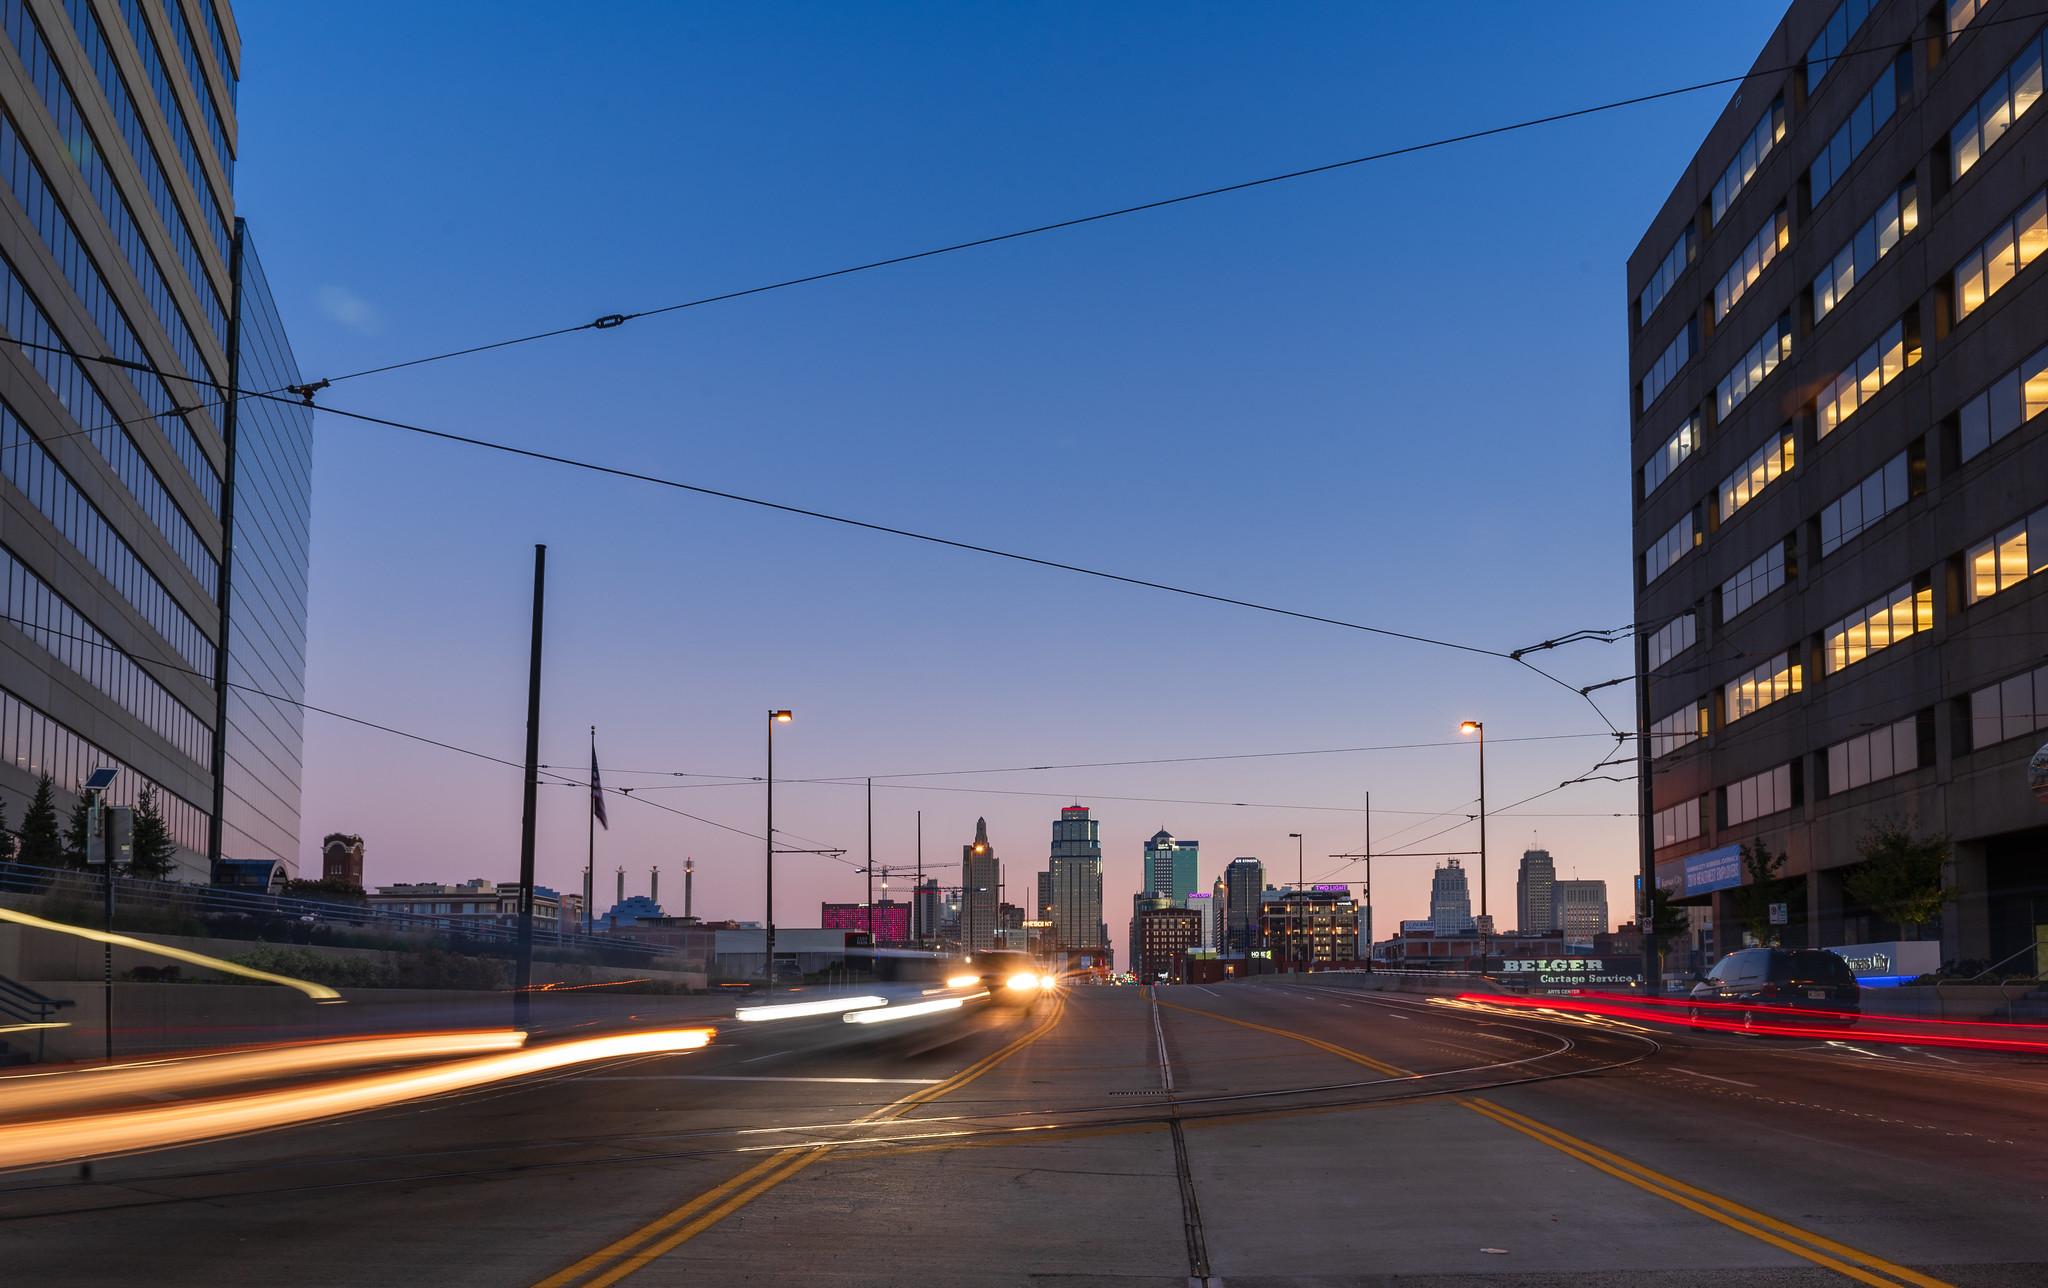 Kansas City Main Street Sunrise.jpg